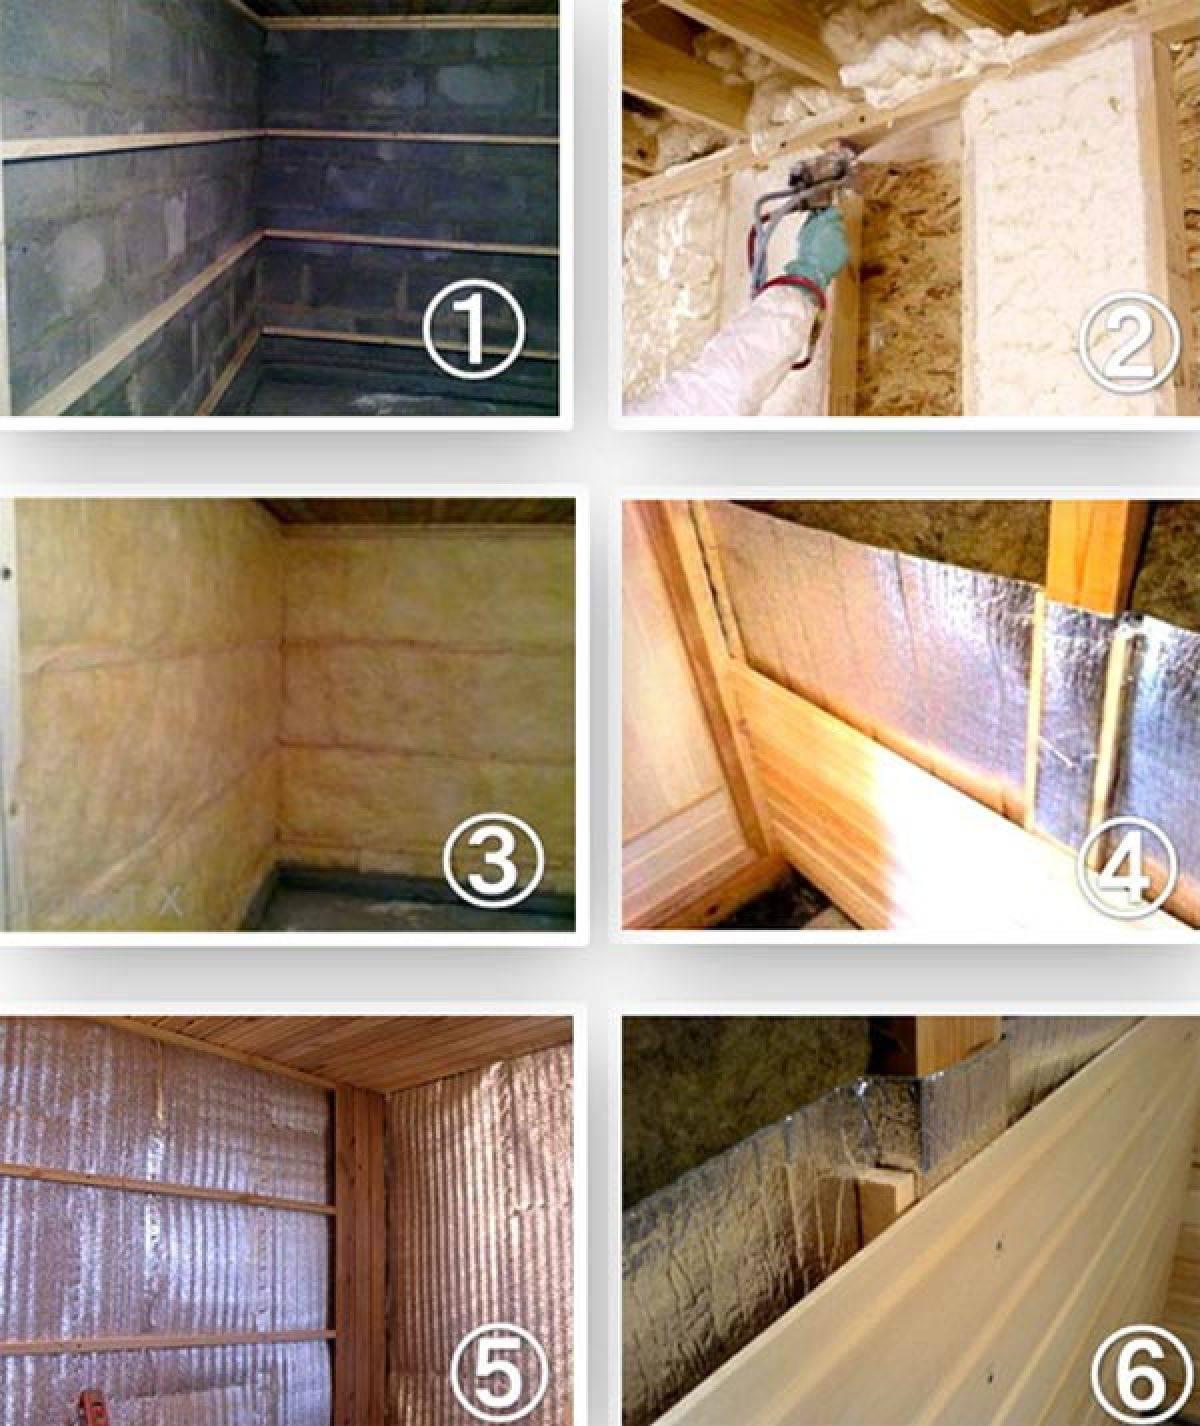 Как утеплить баню изнутри своими руками - пошаговая инструкция с фото и видео